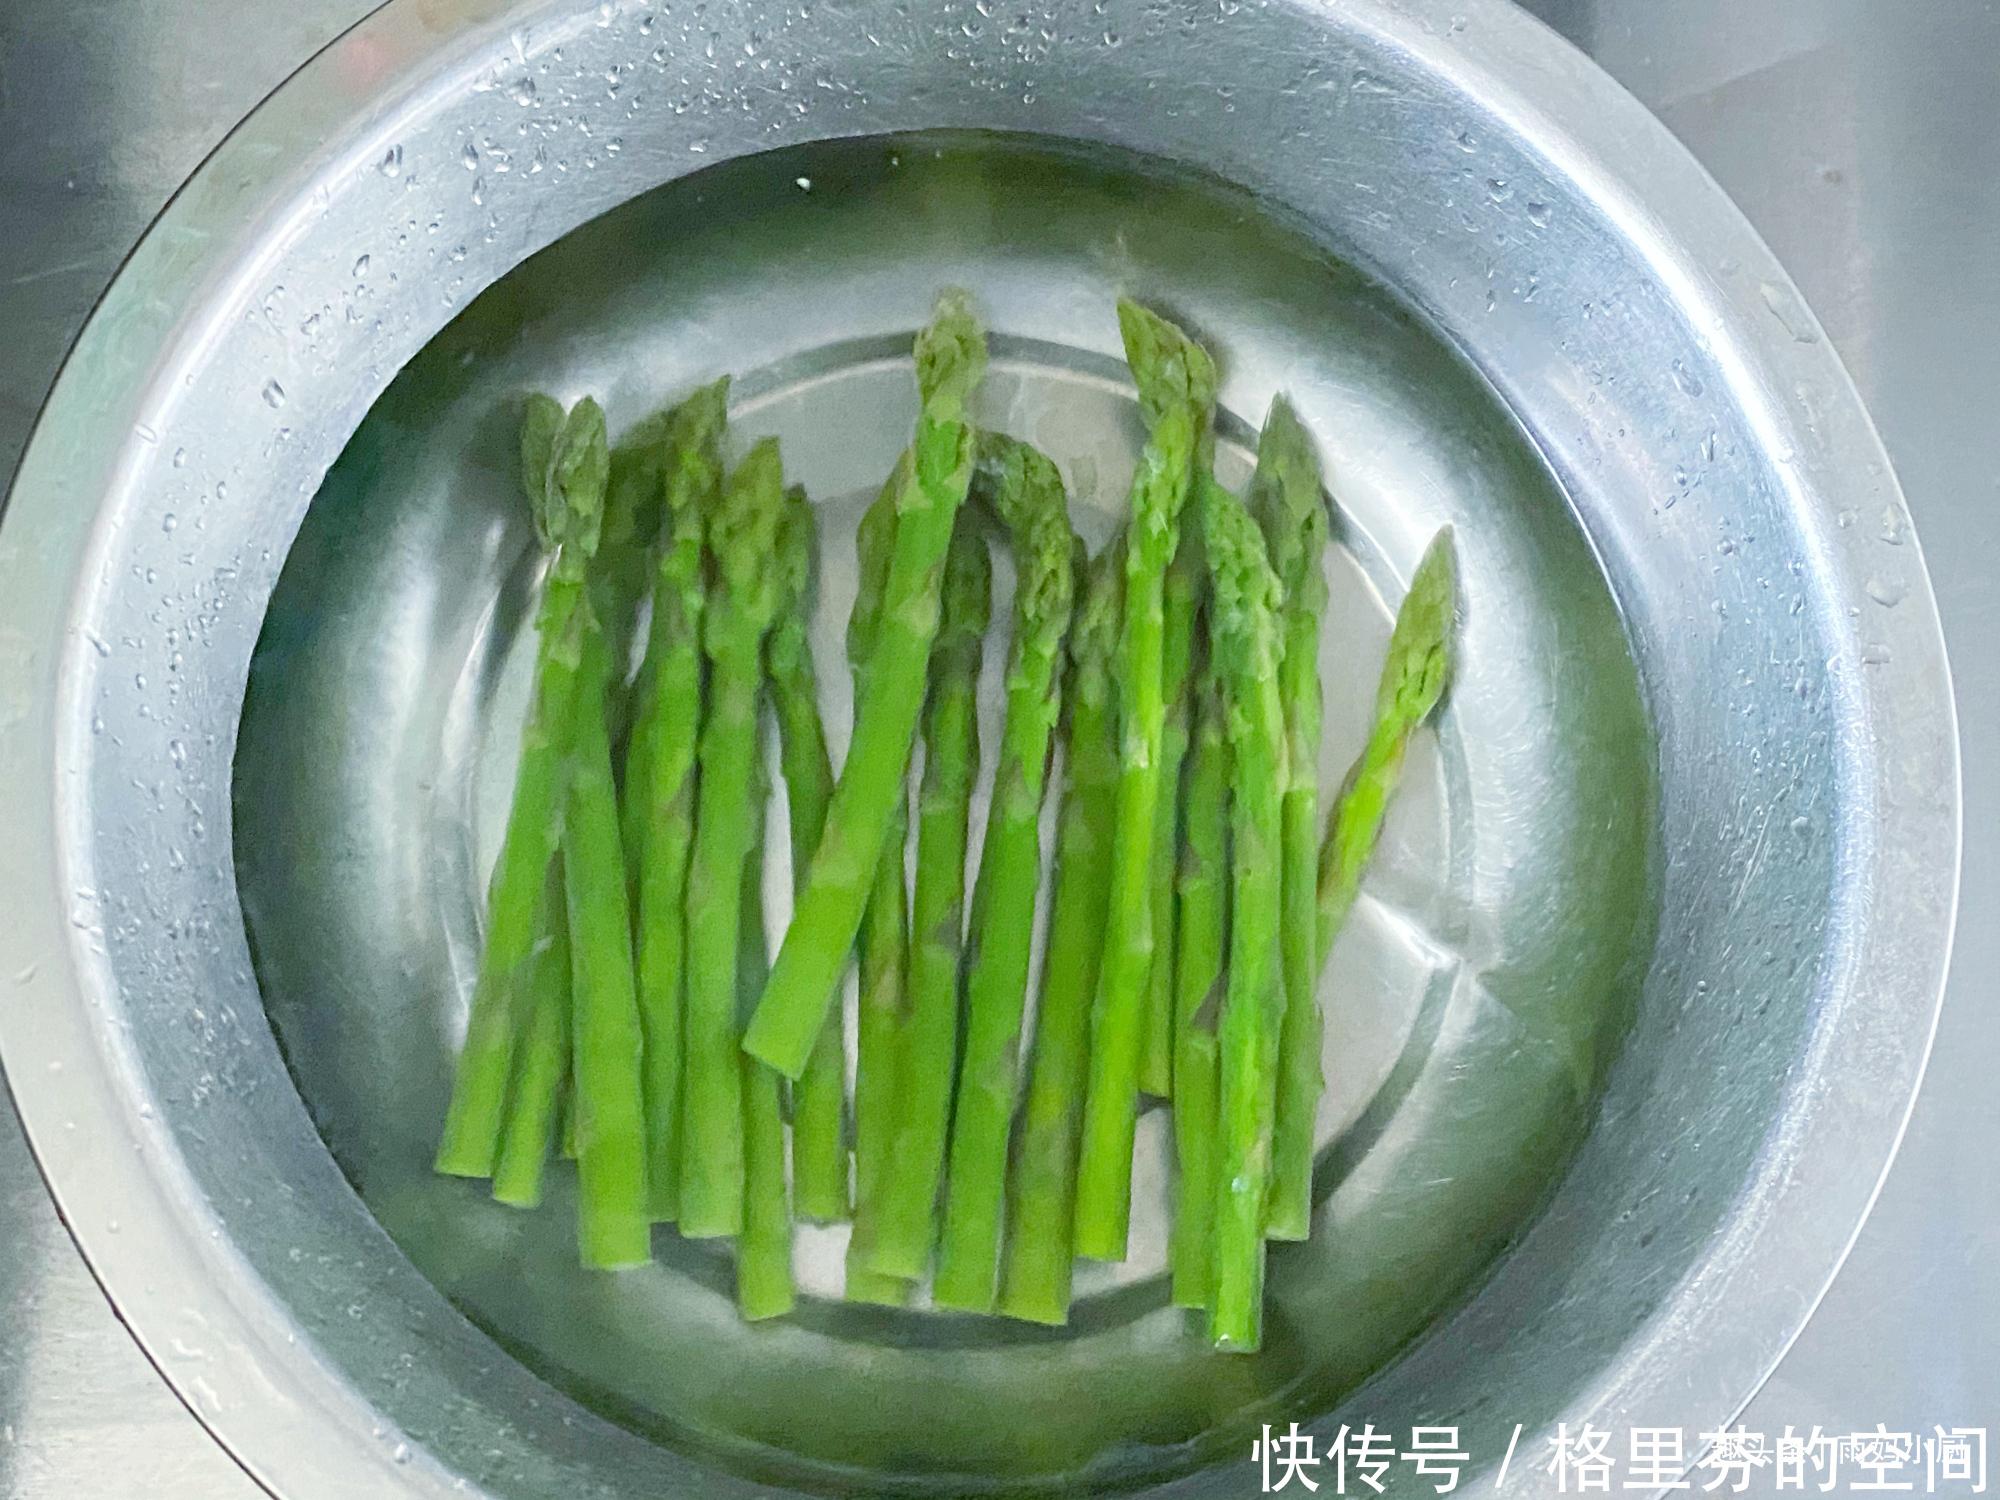 一碗超火萬能醬,拌菜拌麵條吃米飯都可以,醬香濃郁美味下飯